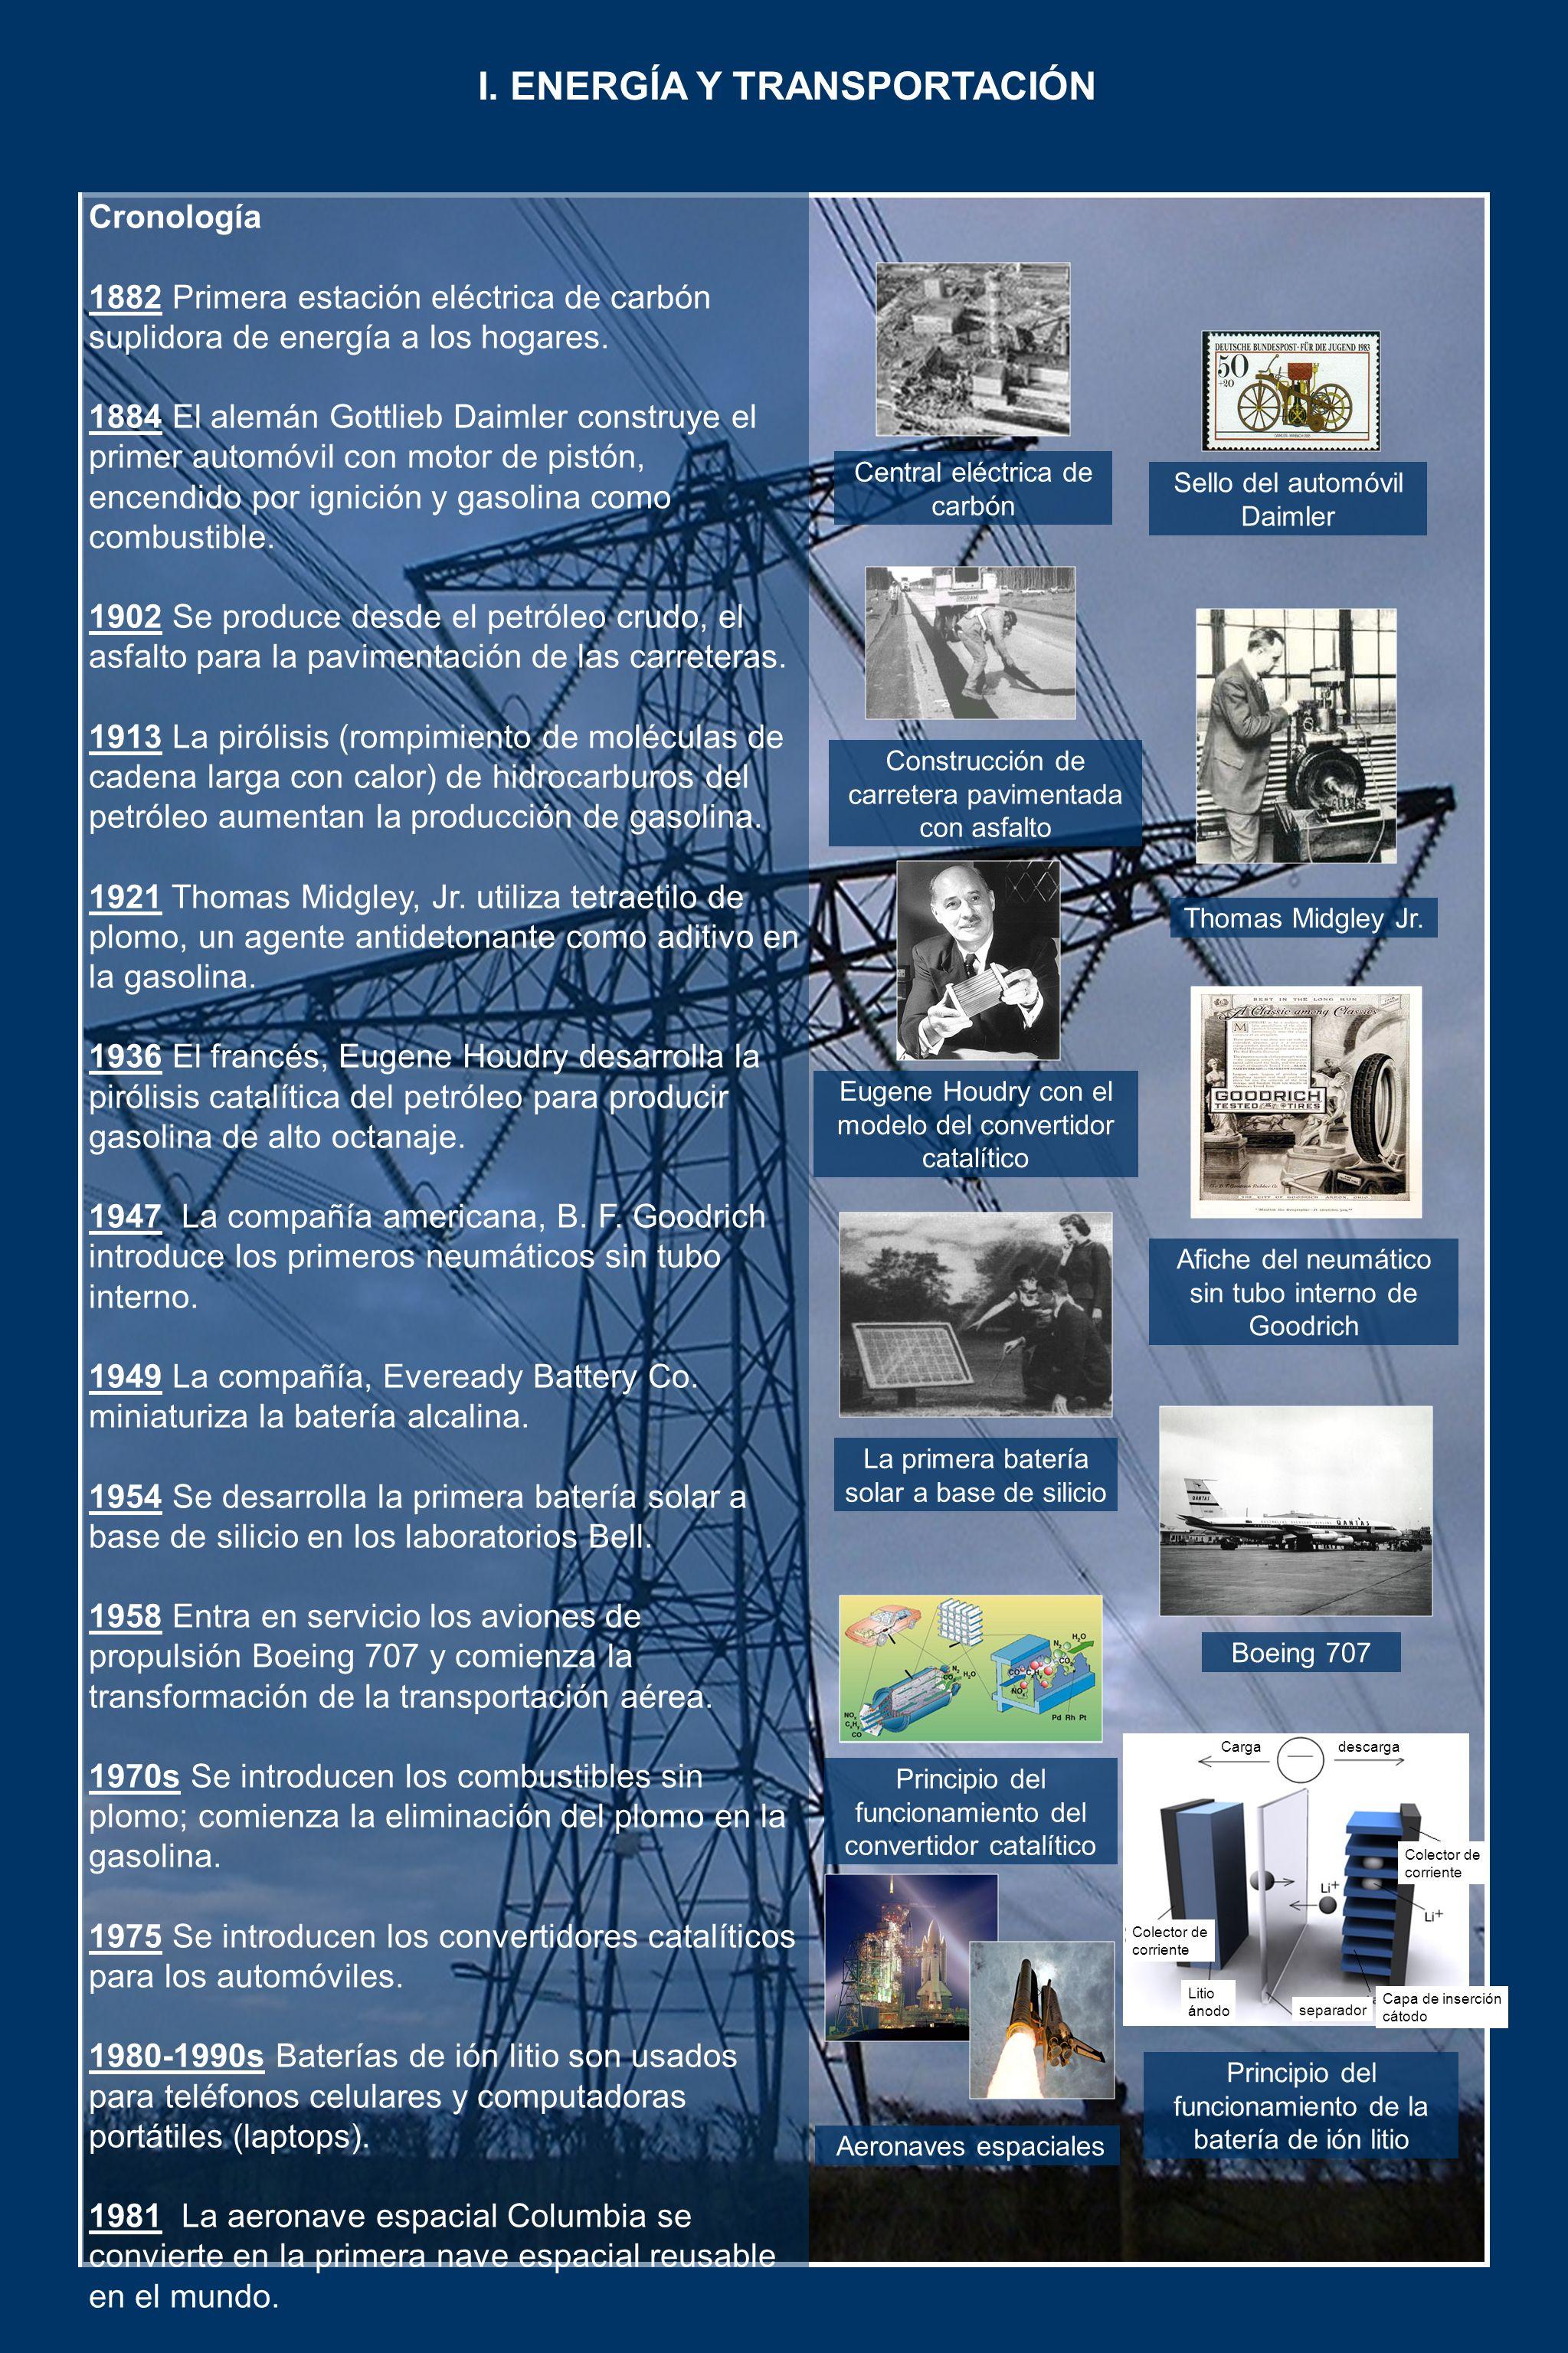 Cronología 1882 Primera estación eléctrica de carbón suplidora de energía a los hogares.